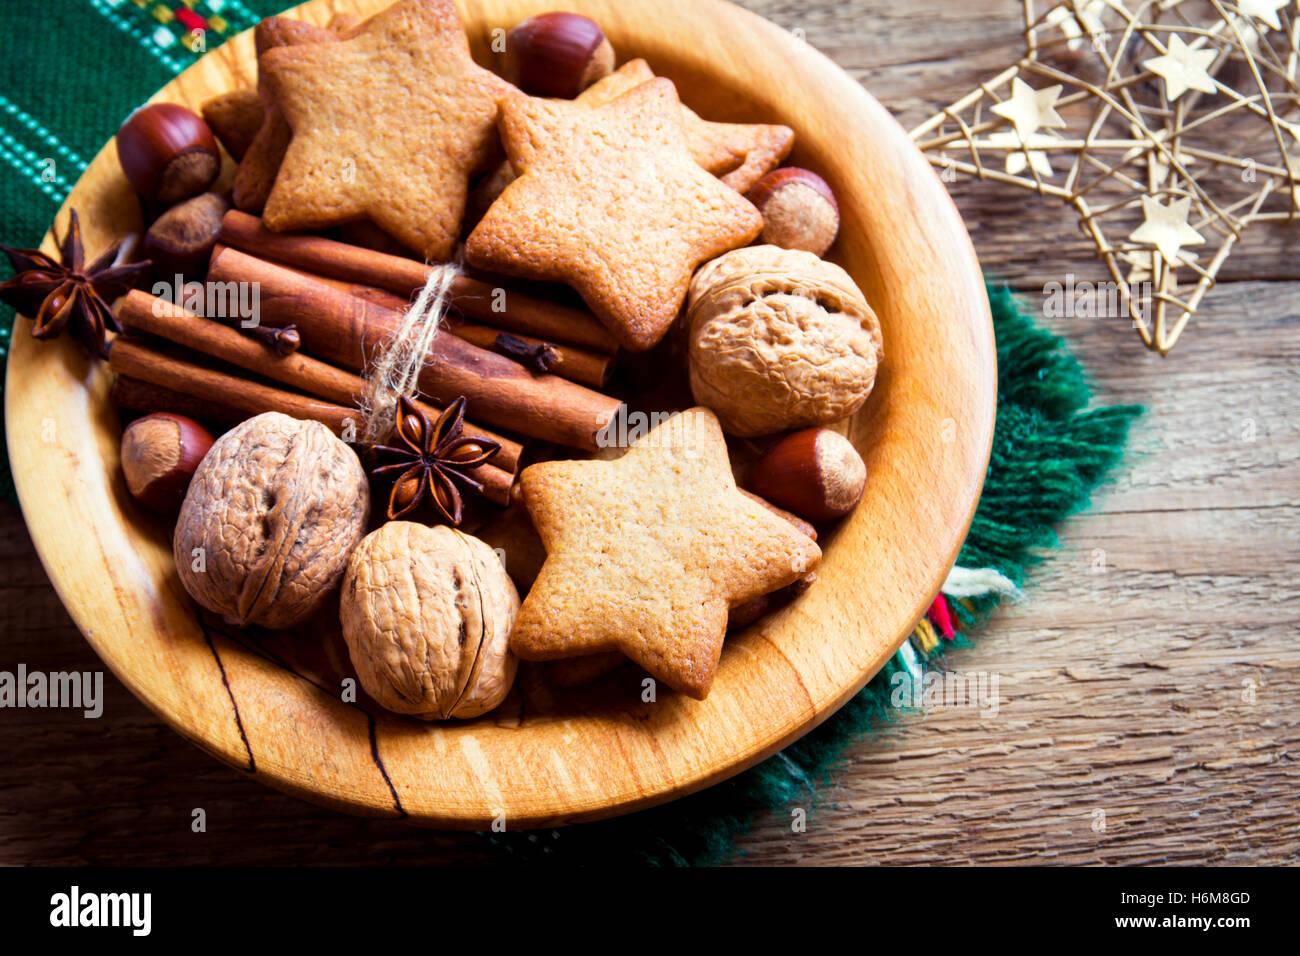 Noël décoration rustique avec gingerbread cookies, noix et chocolat sur fond de bois with copy space Photo Stock